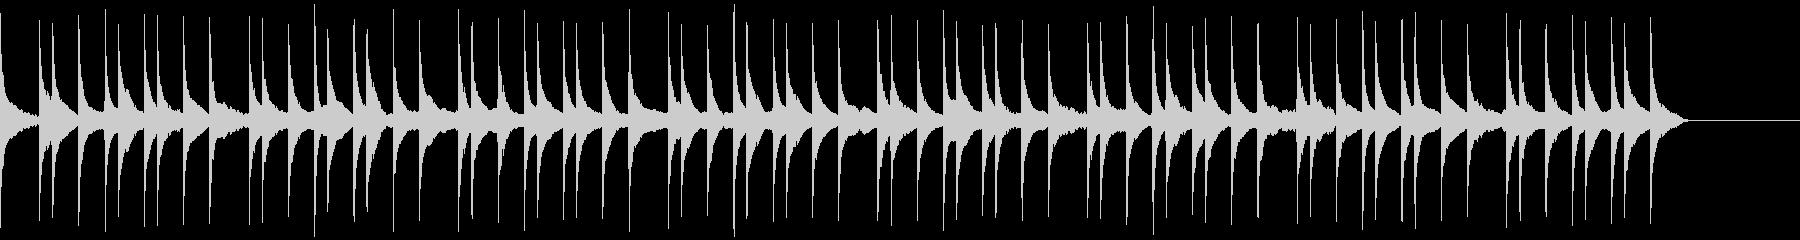 和風っぽい雰囲気のBGMの未再生の波形